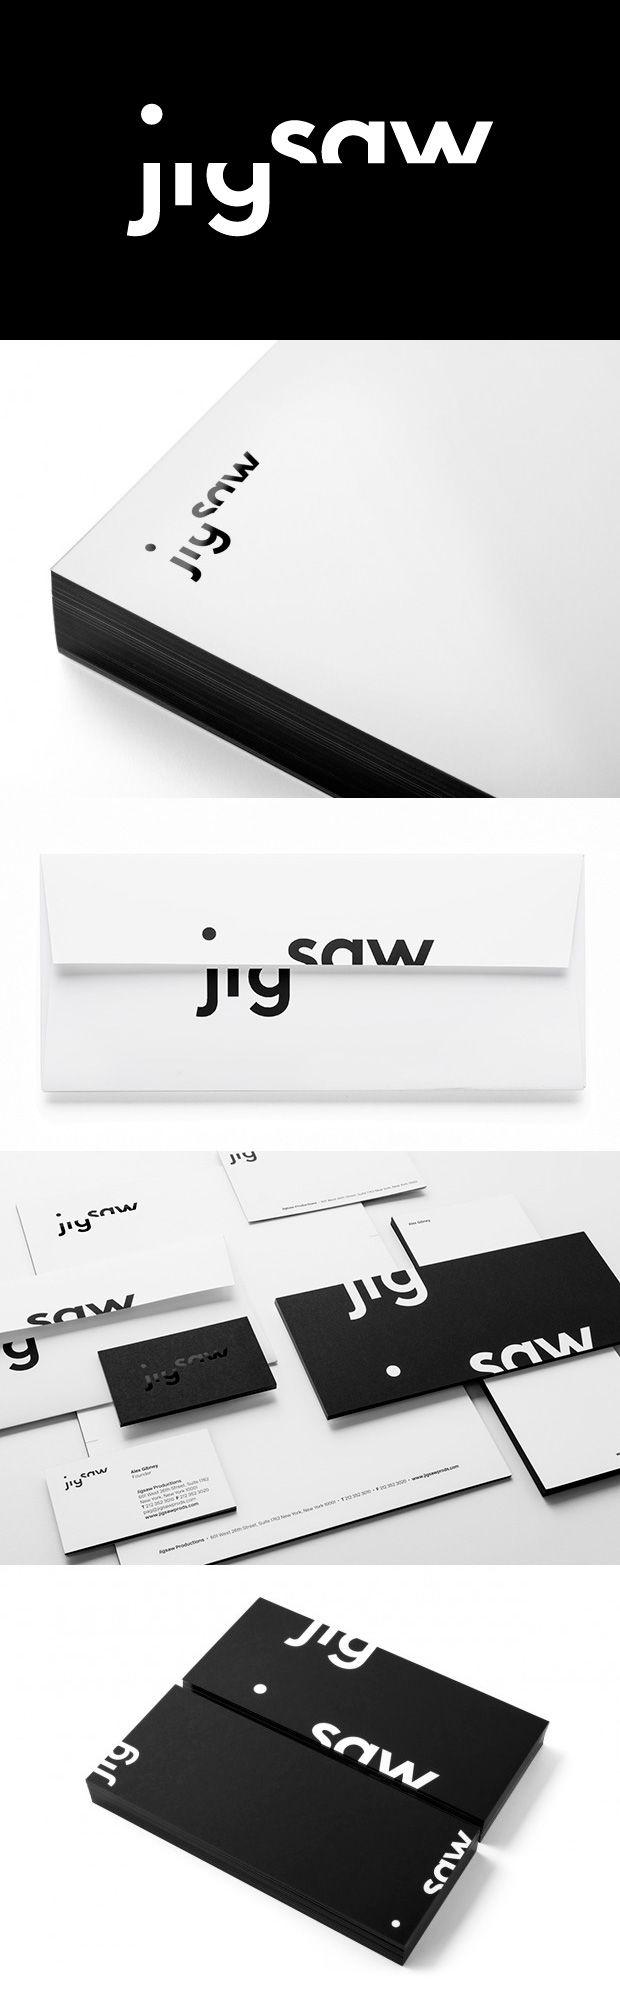 New identity for Jigsaw by pentagram